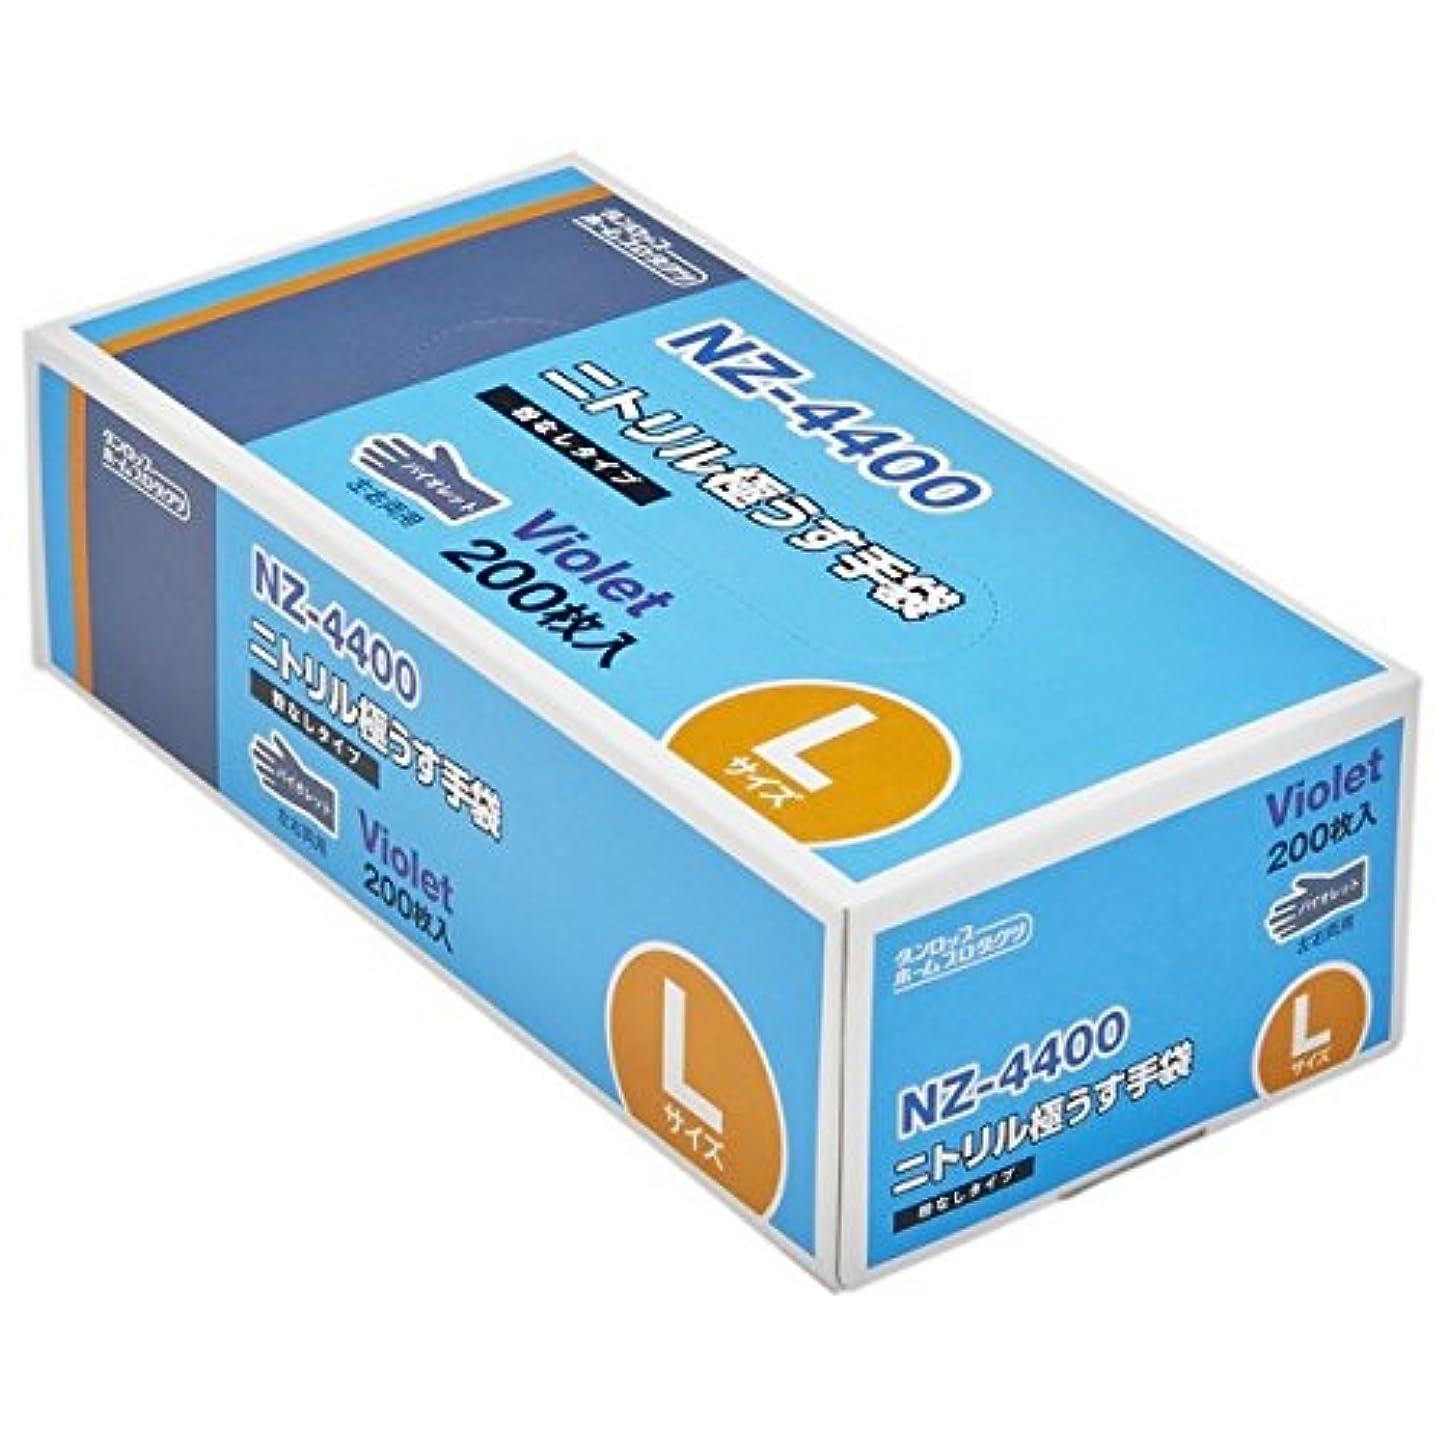 討論レザーオートダンロップ ニトリル極うす手袋 NZ-4400 バイオレット 粉なし Lサイズ 200枚入